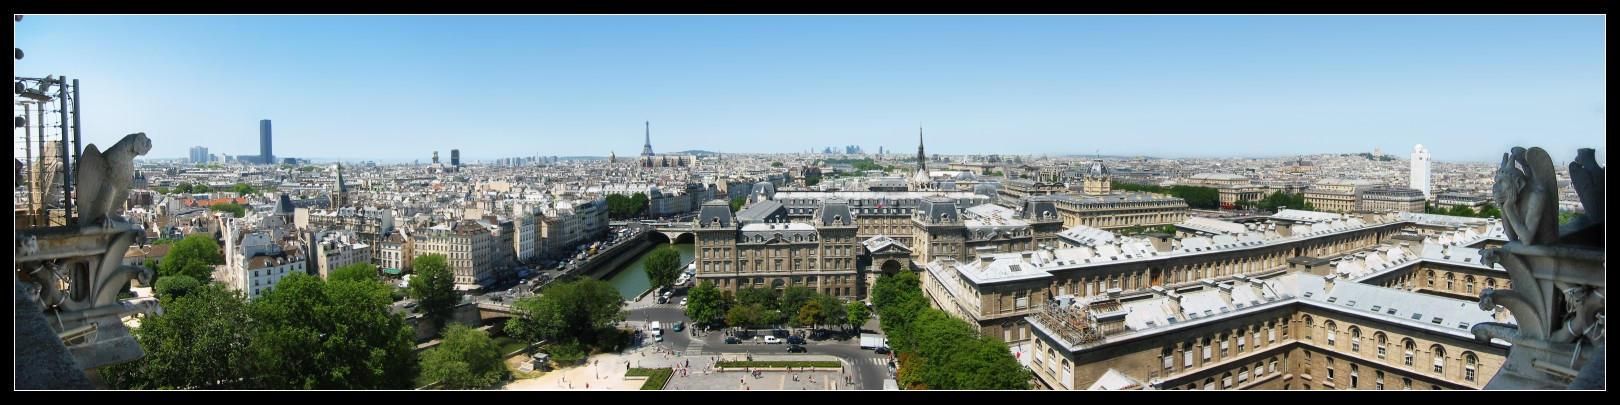 Paris Panoramic by daj